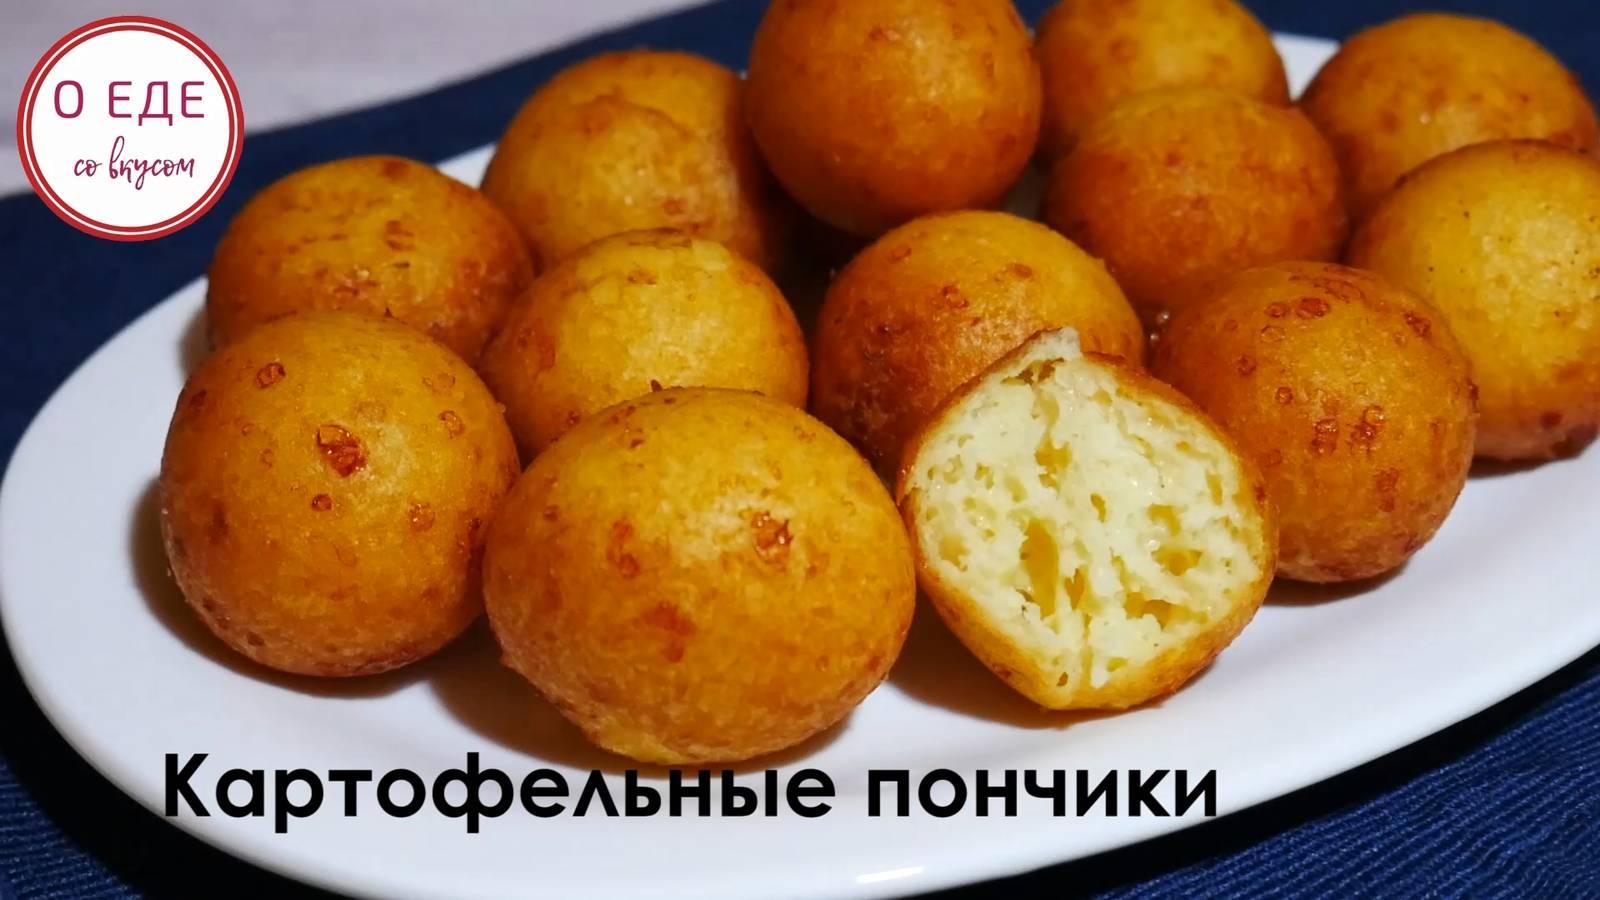 Сладкие пончики из картофеля